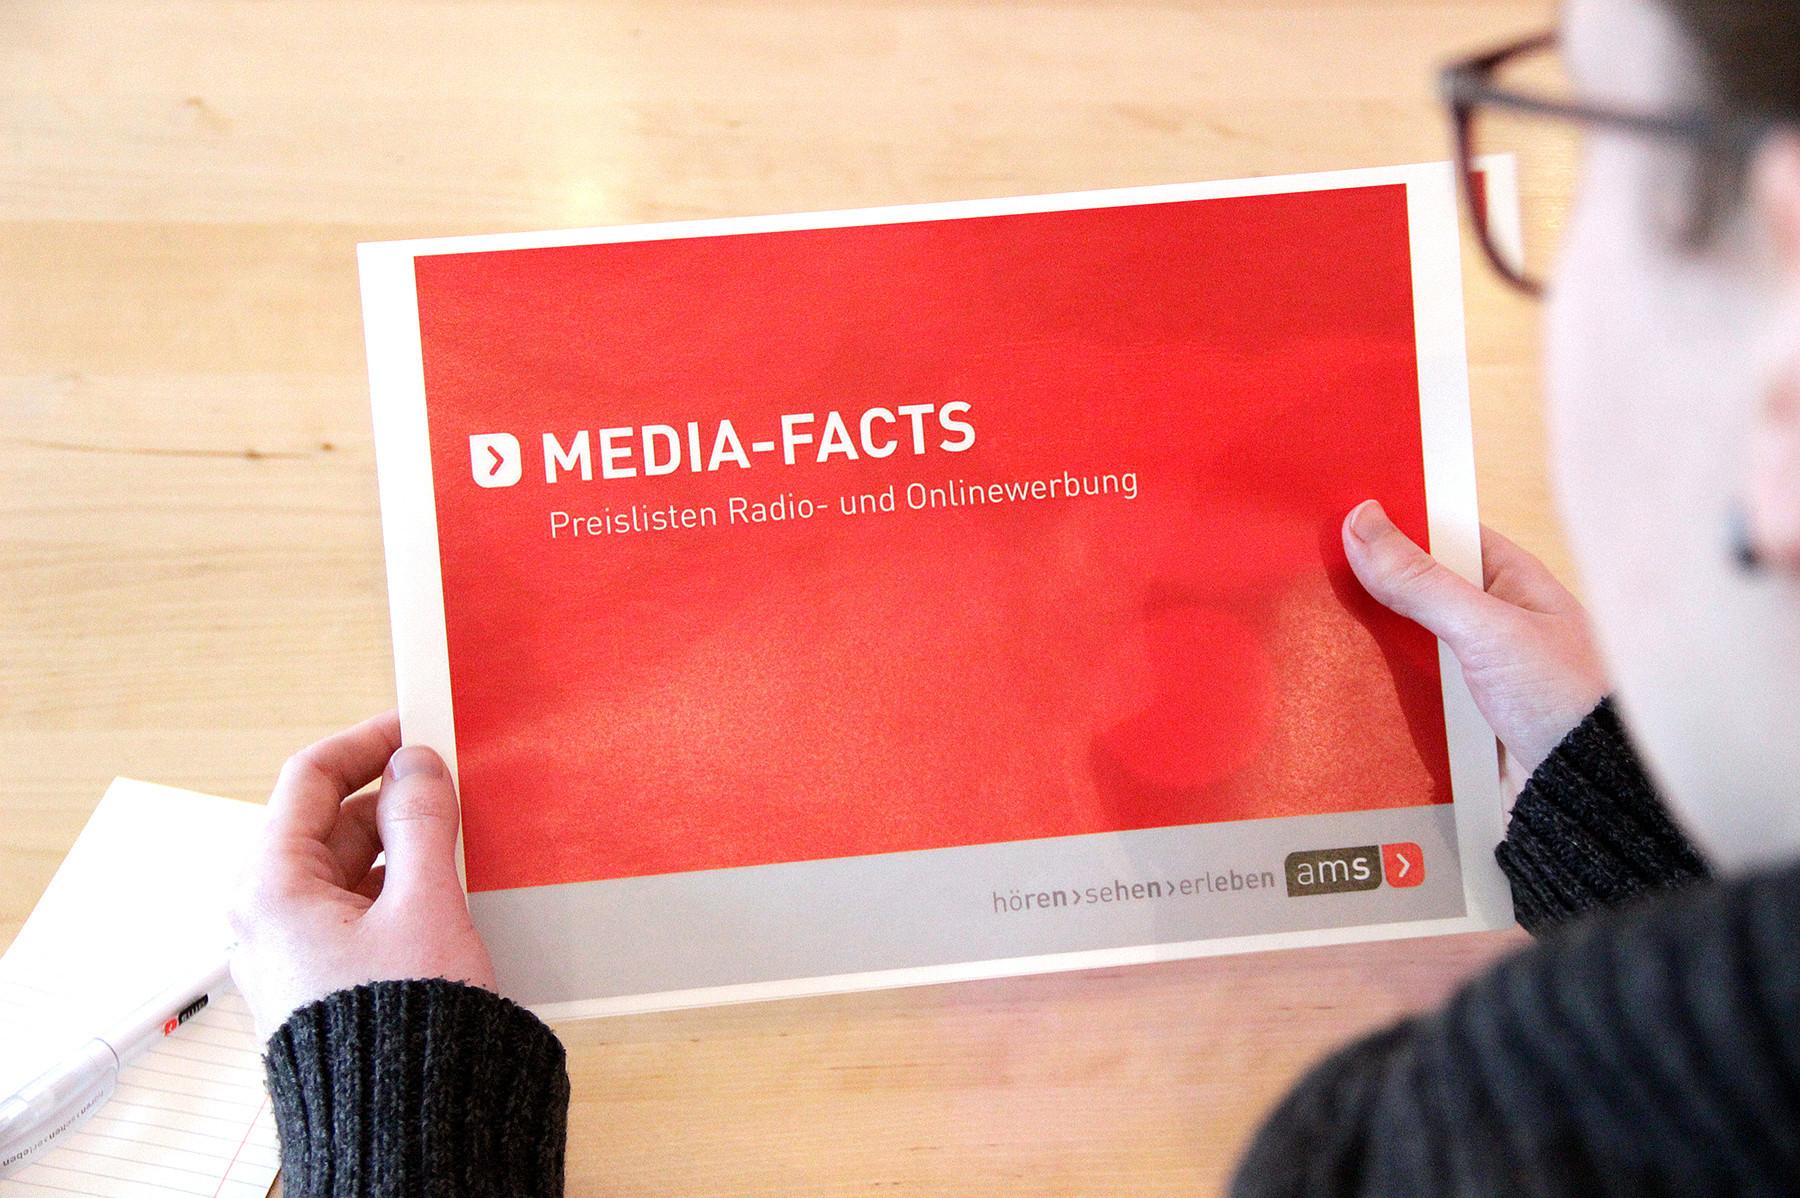 Media-Facts von Radio Gütersloh